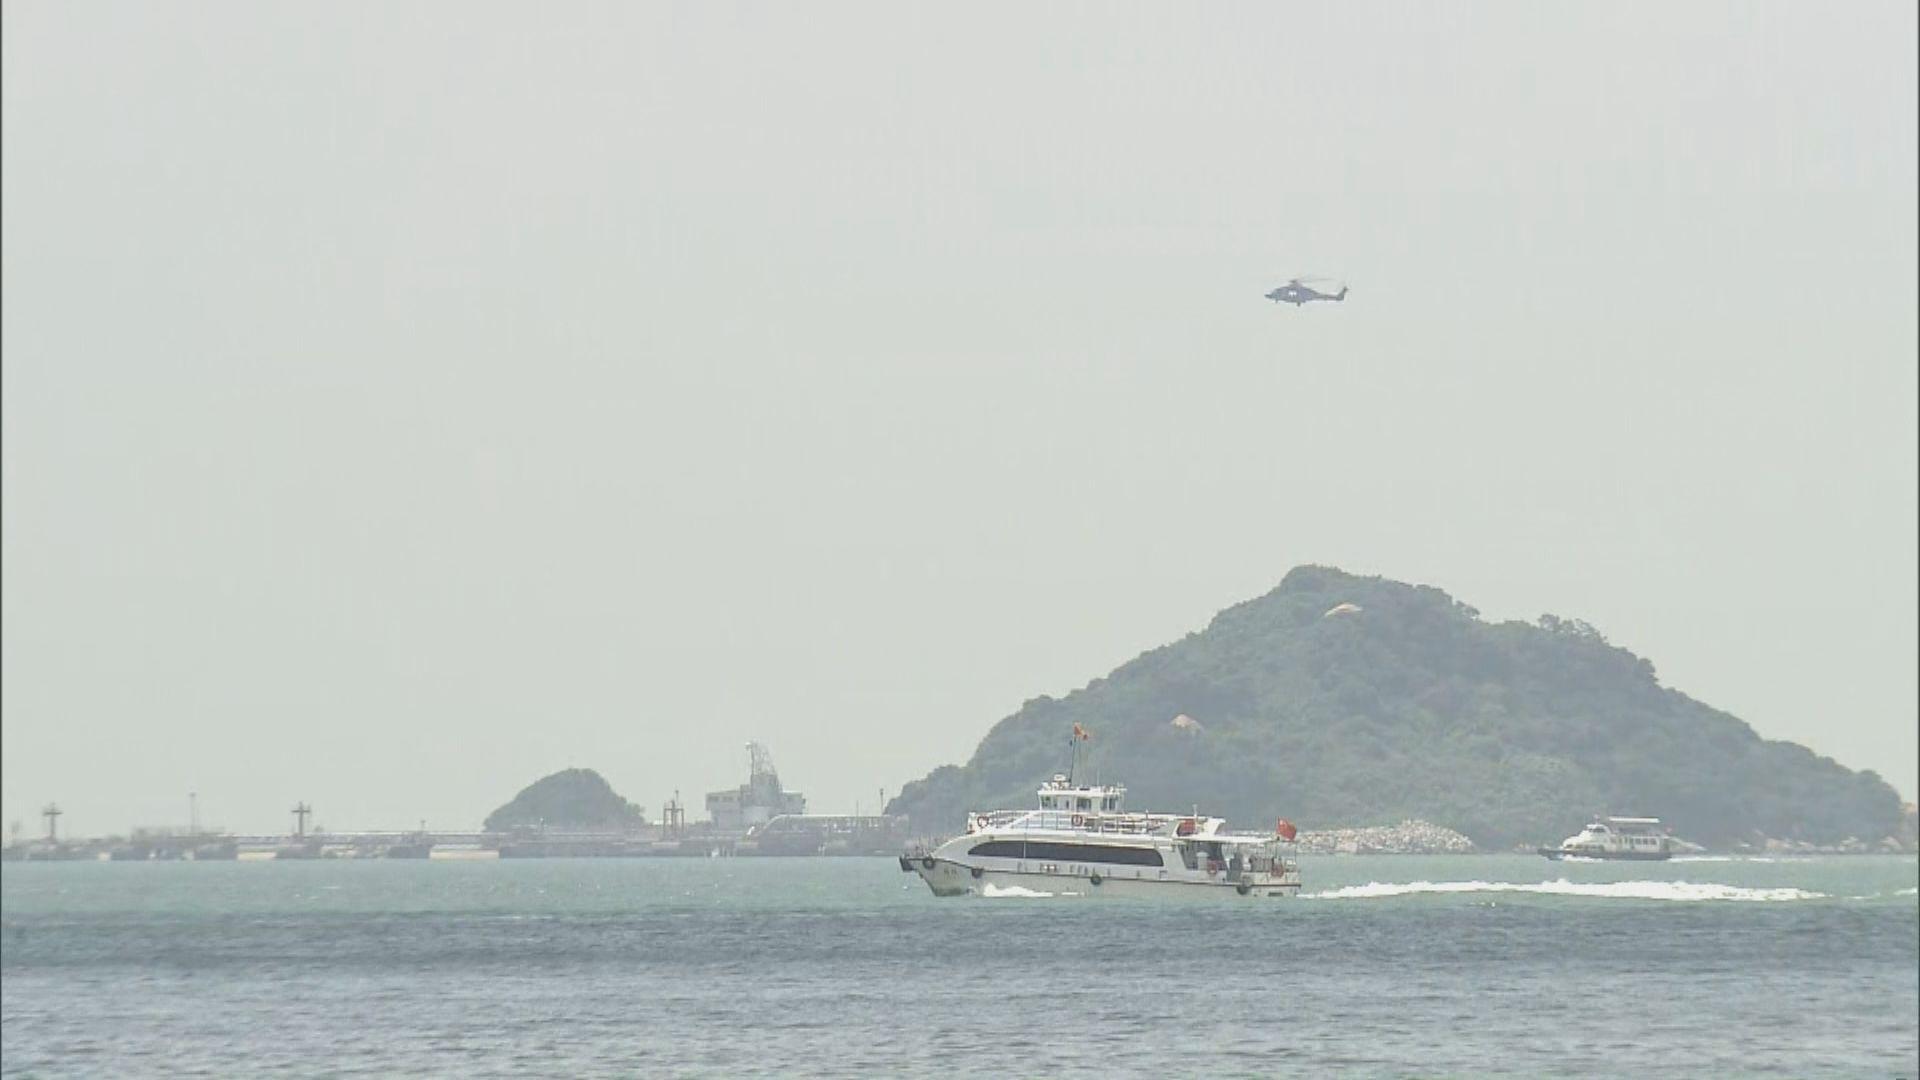 水警快艇沙洲對開追截走私意外翻船 一名女警失蹤